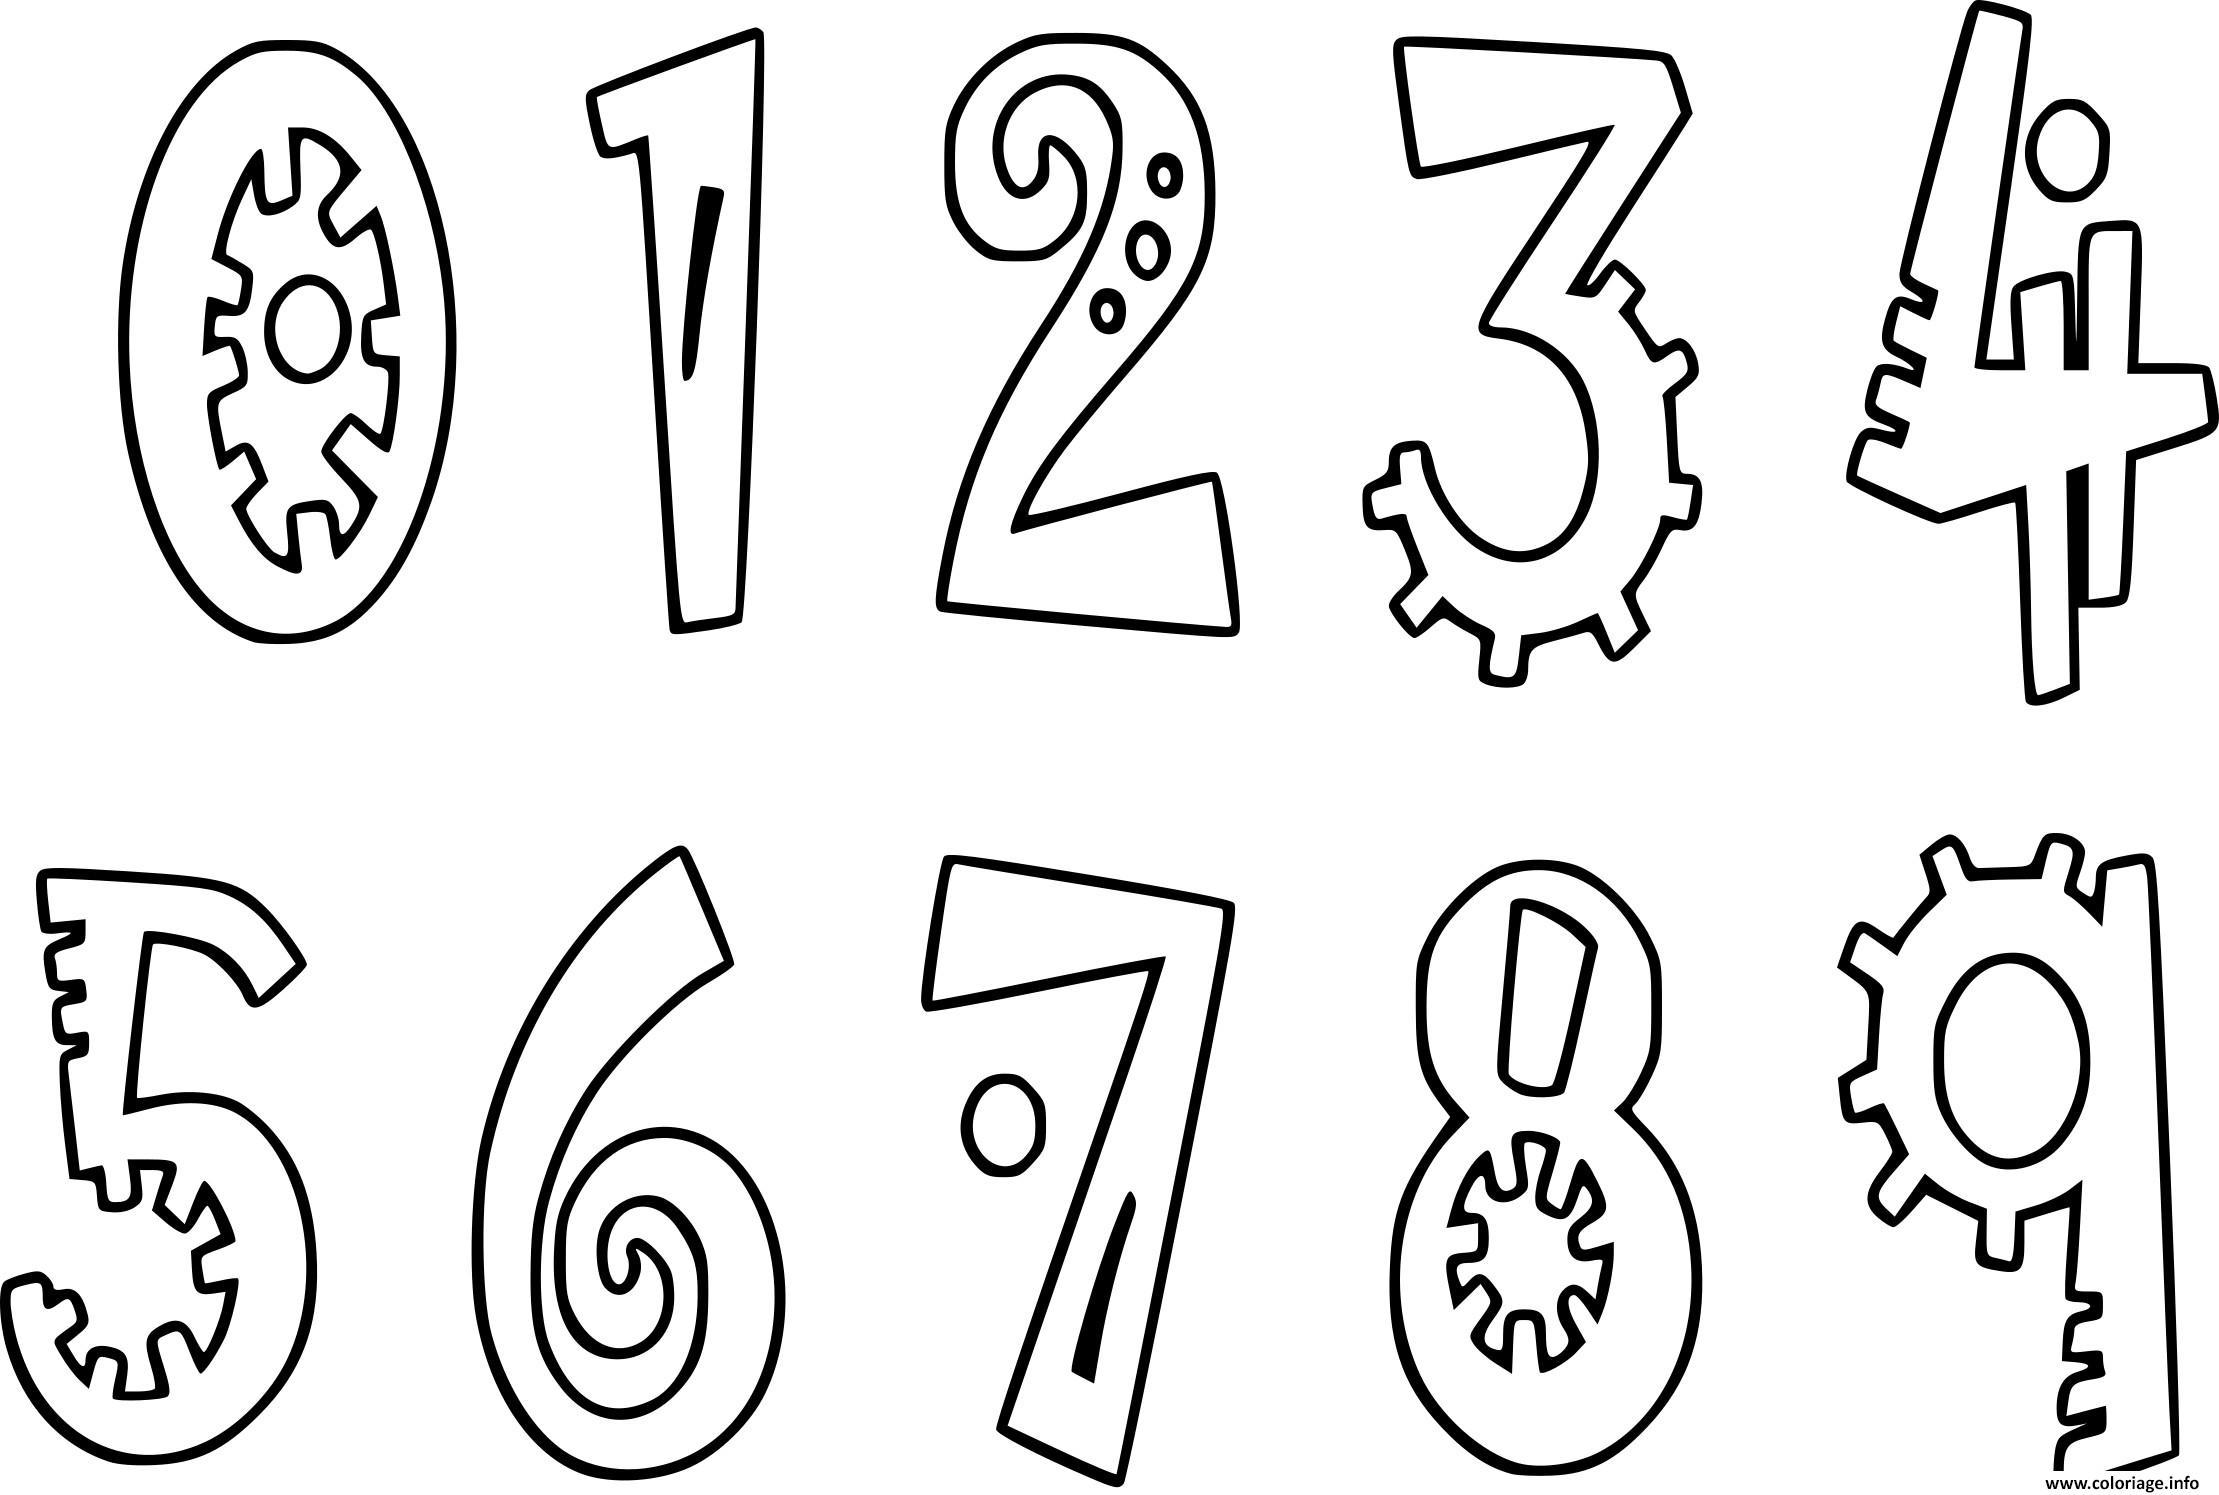 Dessin chiffres 0 a 9 Coloriage Gratuit à Imprimer